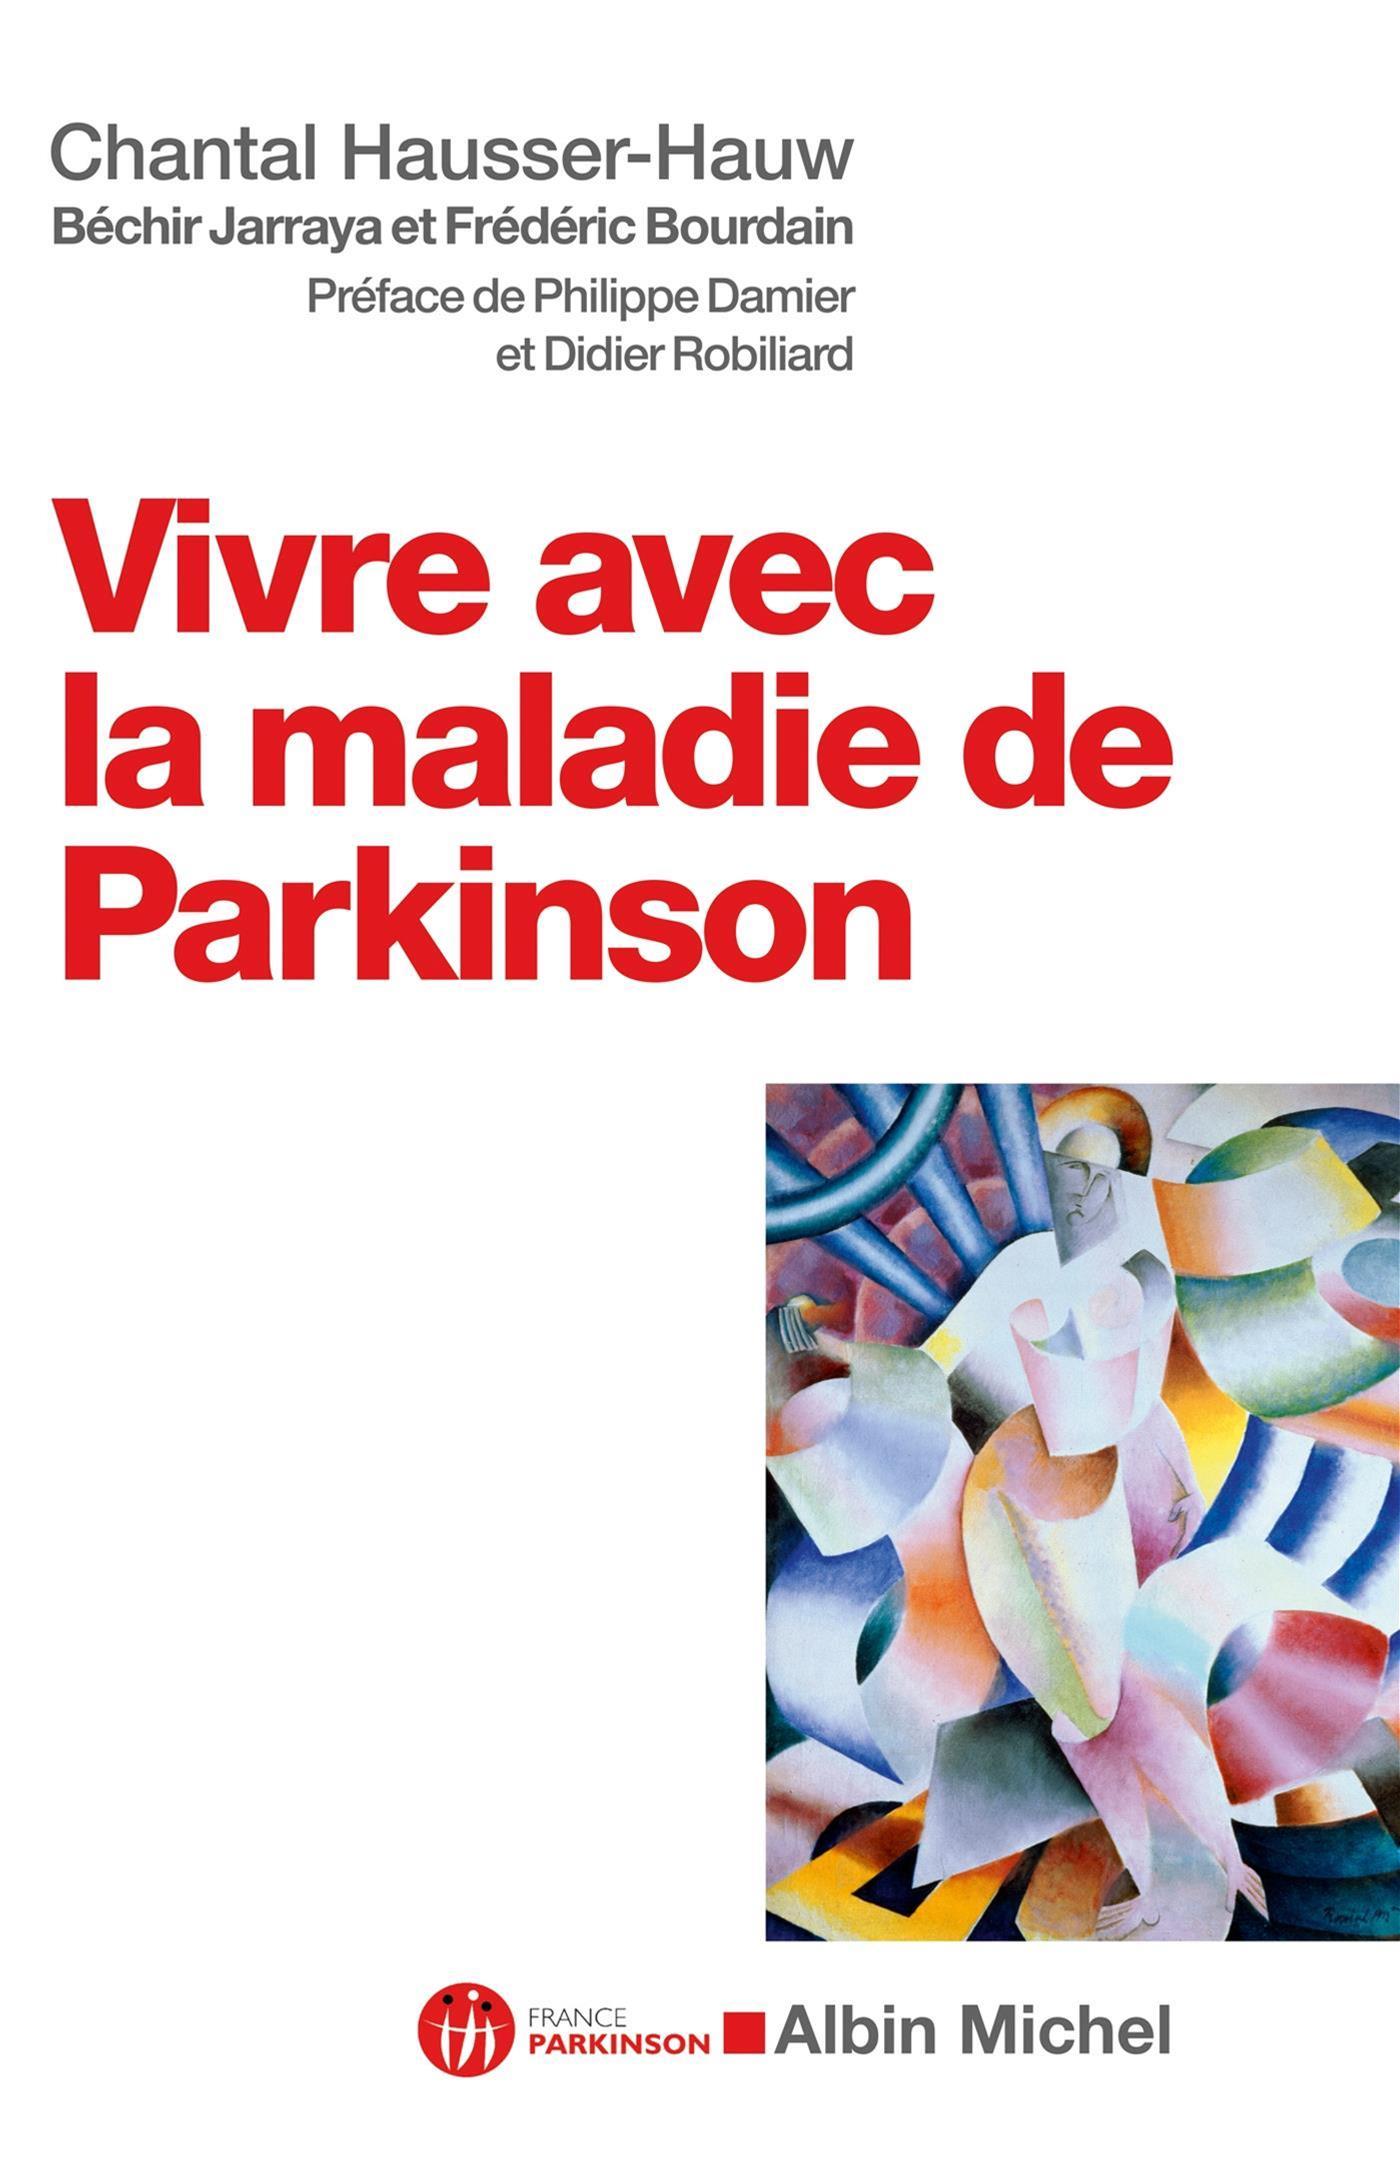 Vivre avec la maladie de Parkinson